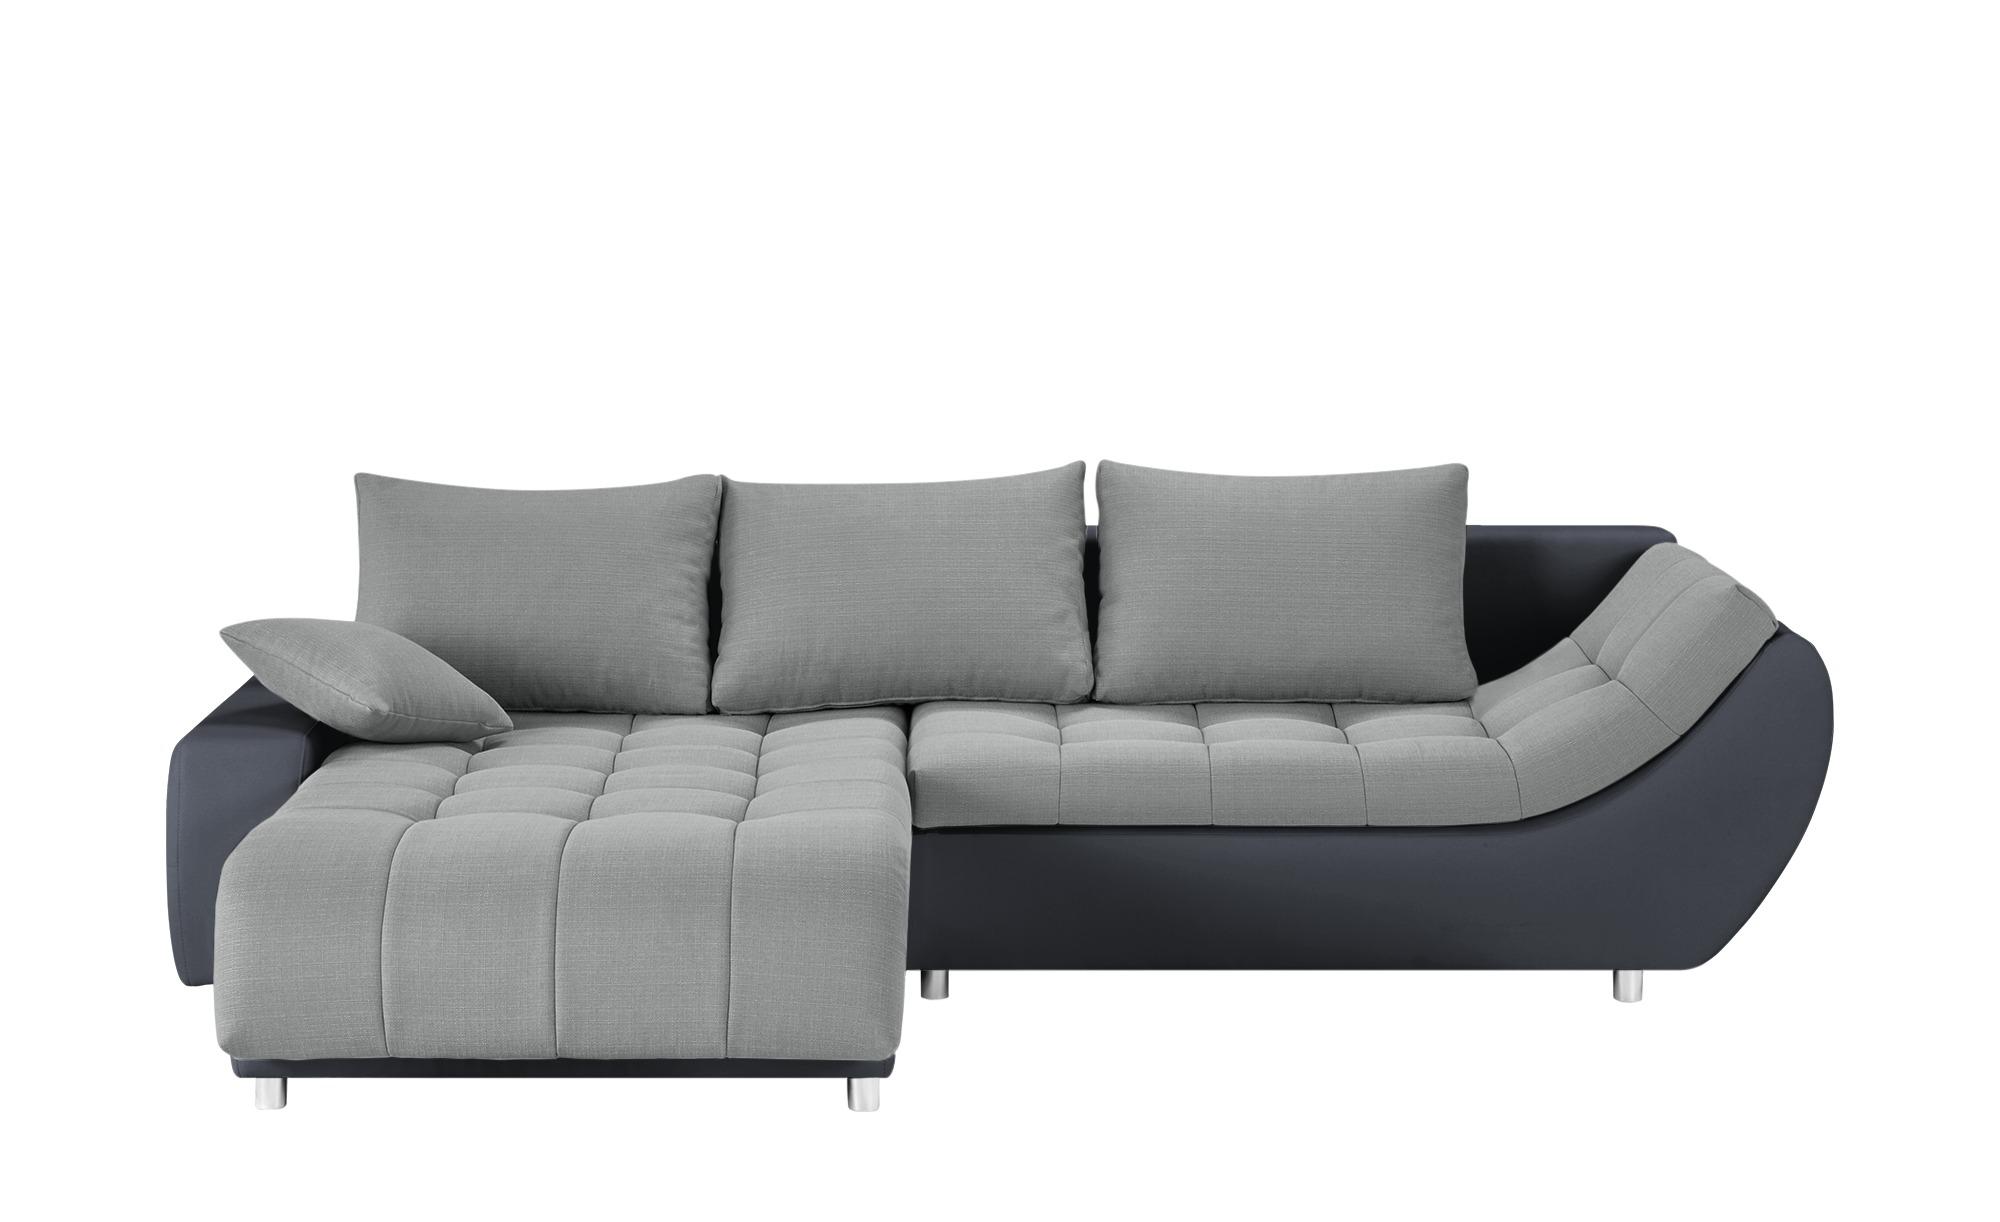 Switch Ecksofa Cumulus Gefunden Bei Mobel Hoffner Schlafsofa Gunstig Gunstige Sofas Big Sofa Kaufen